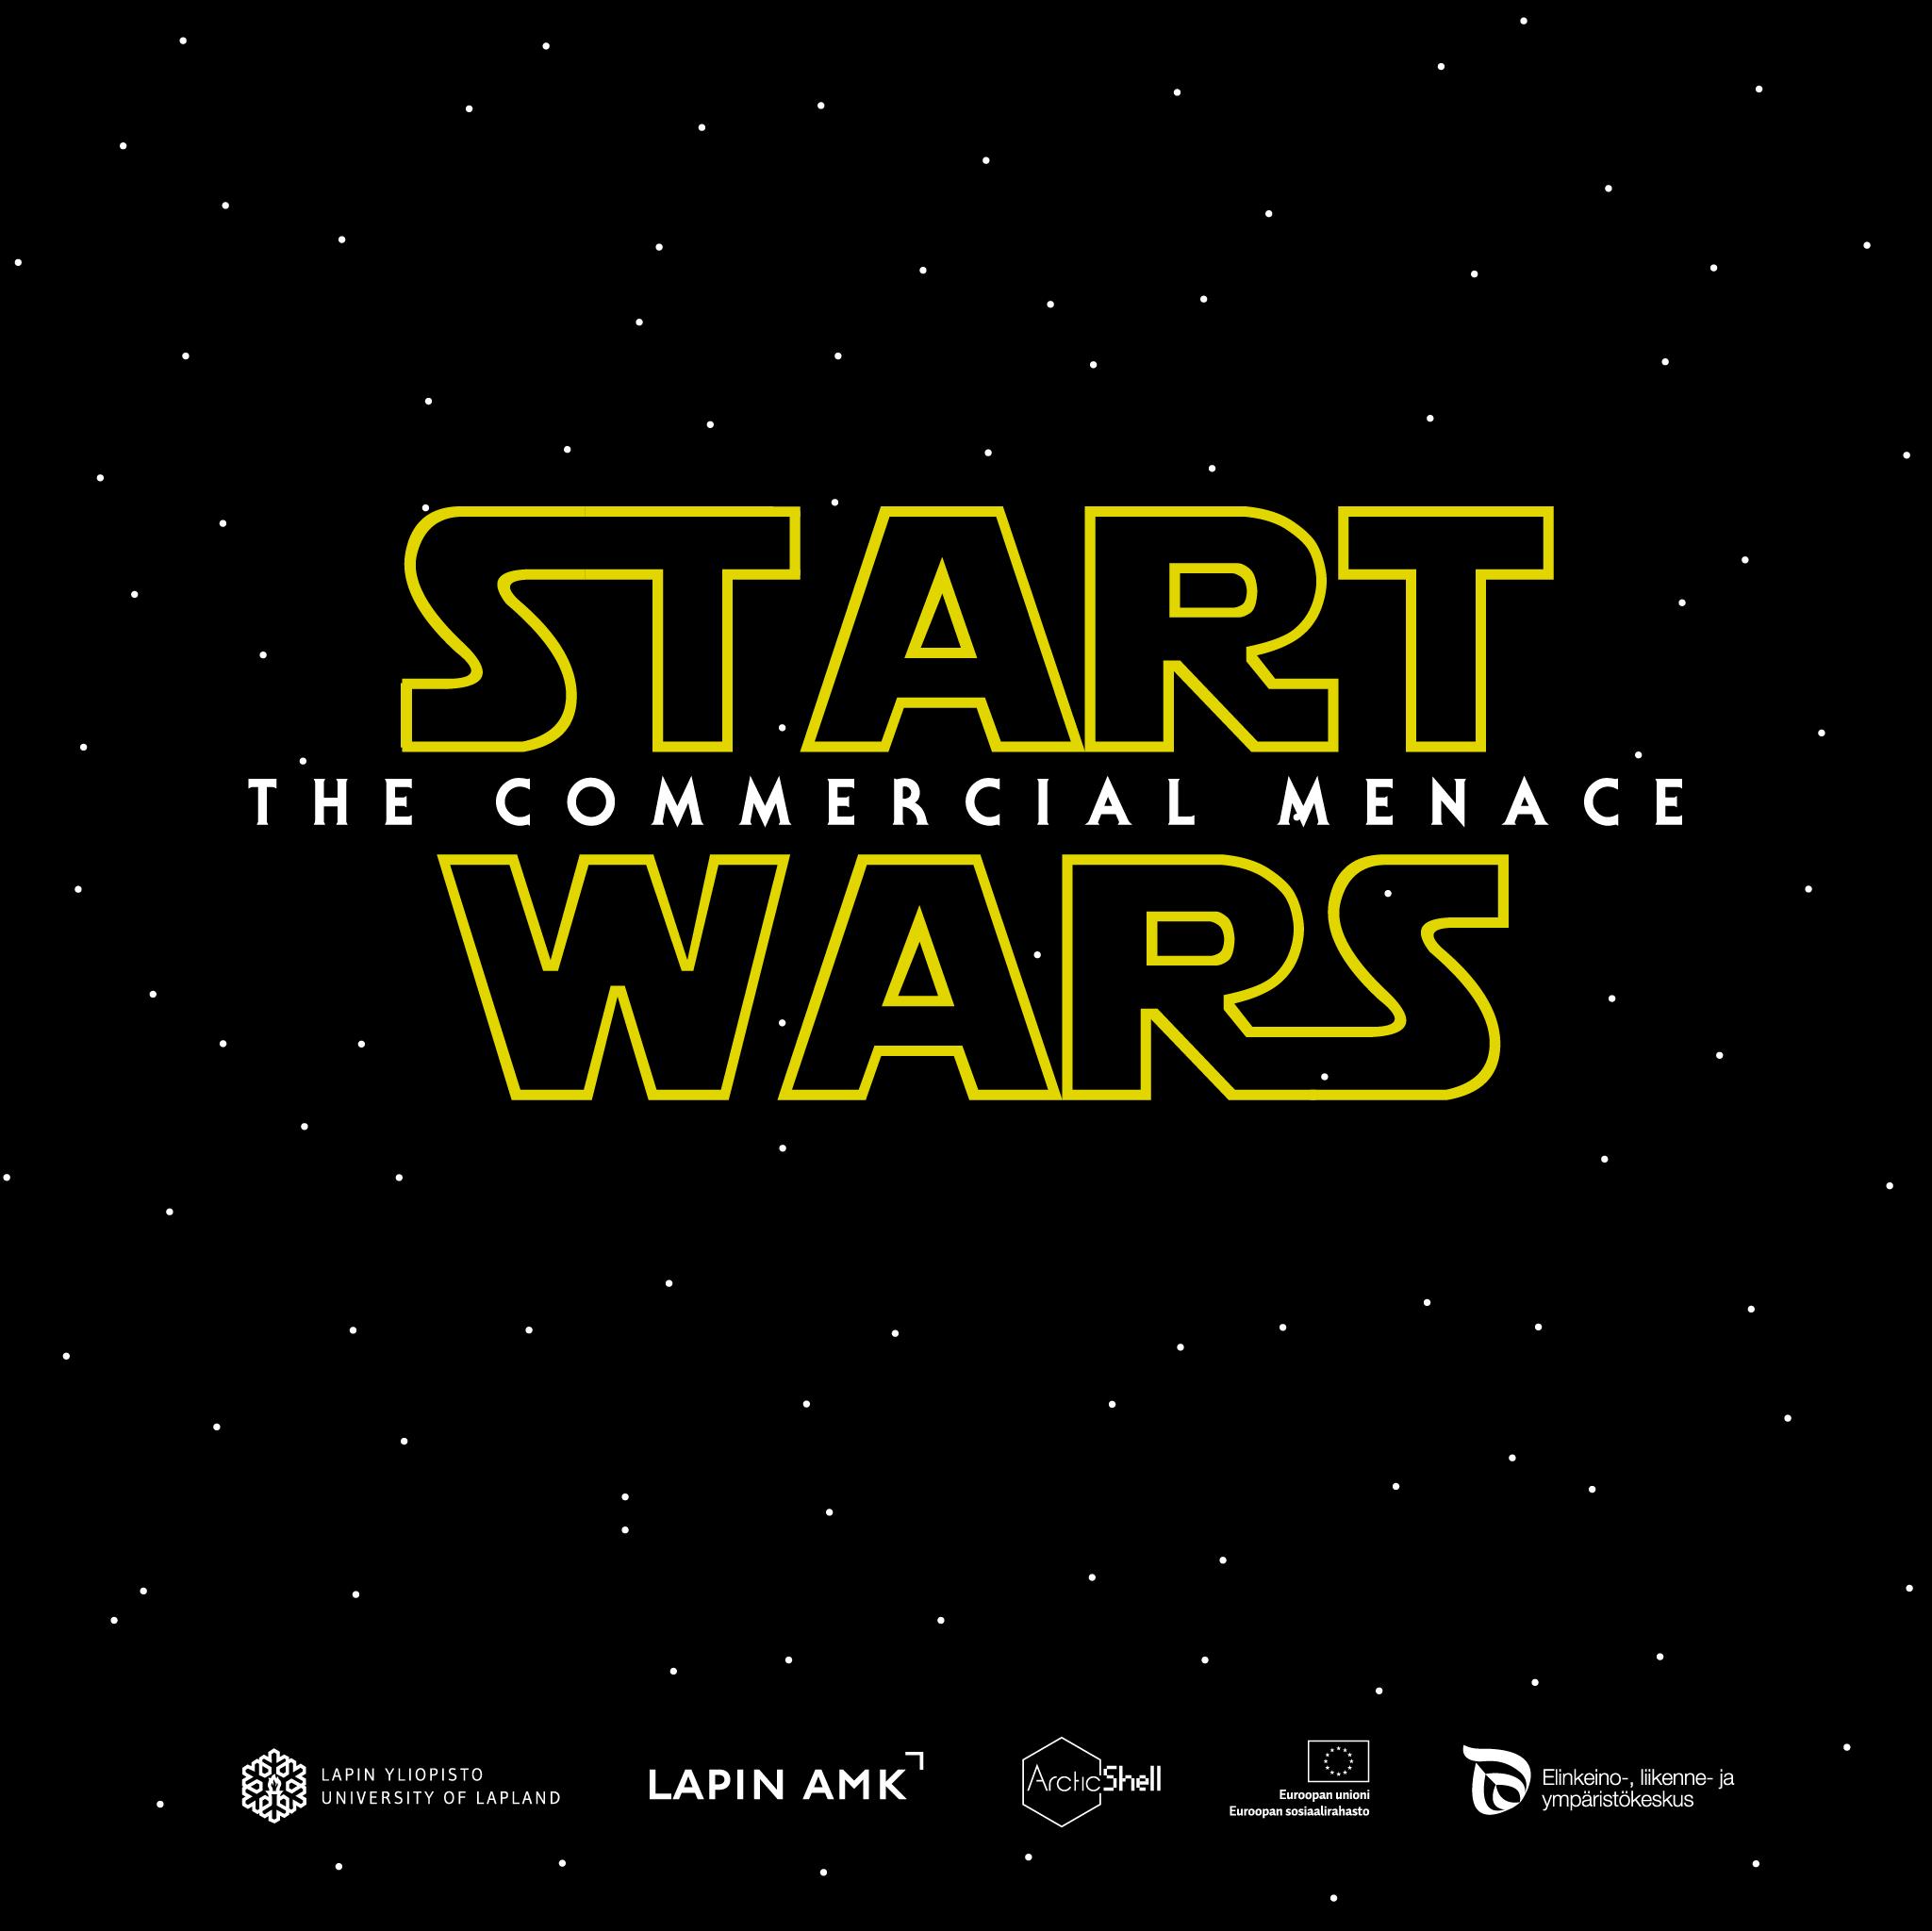 startwars-03.png